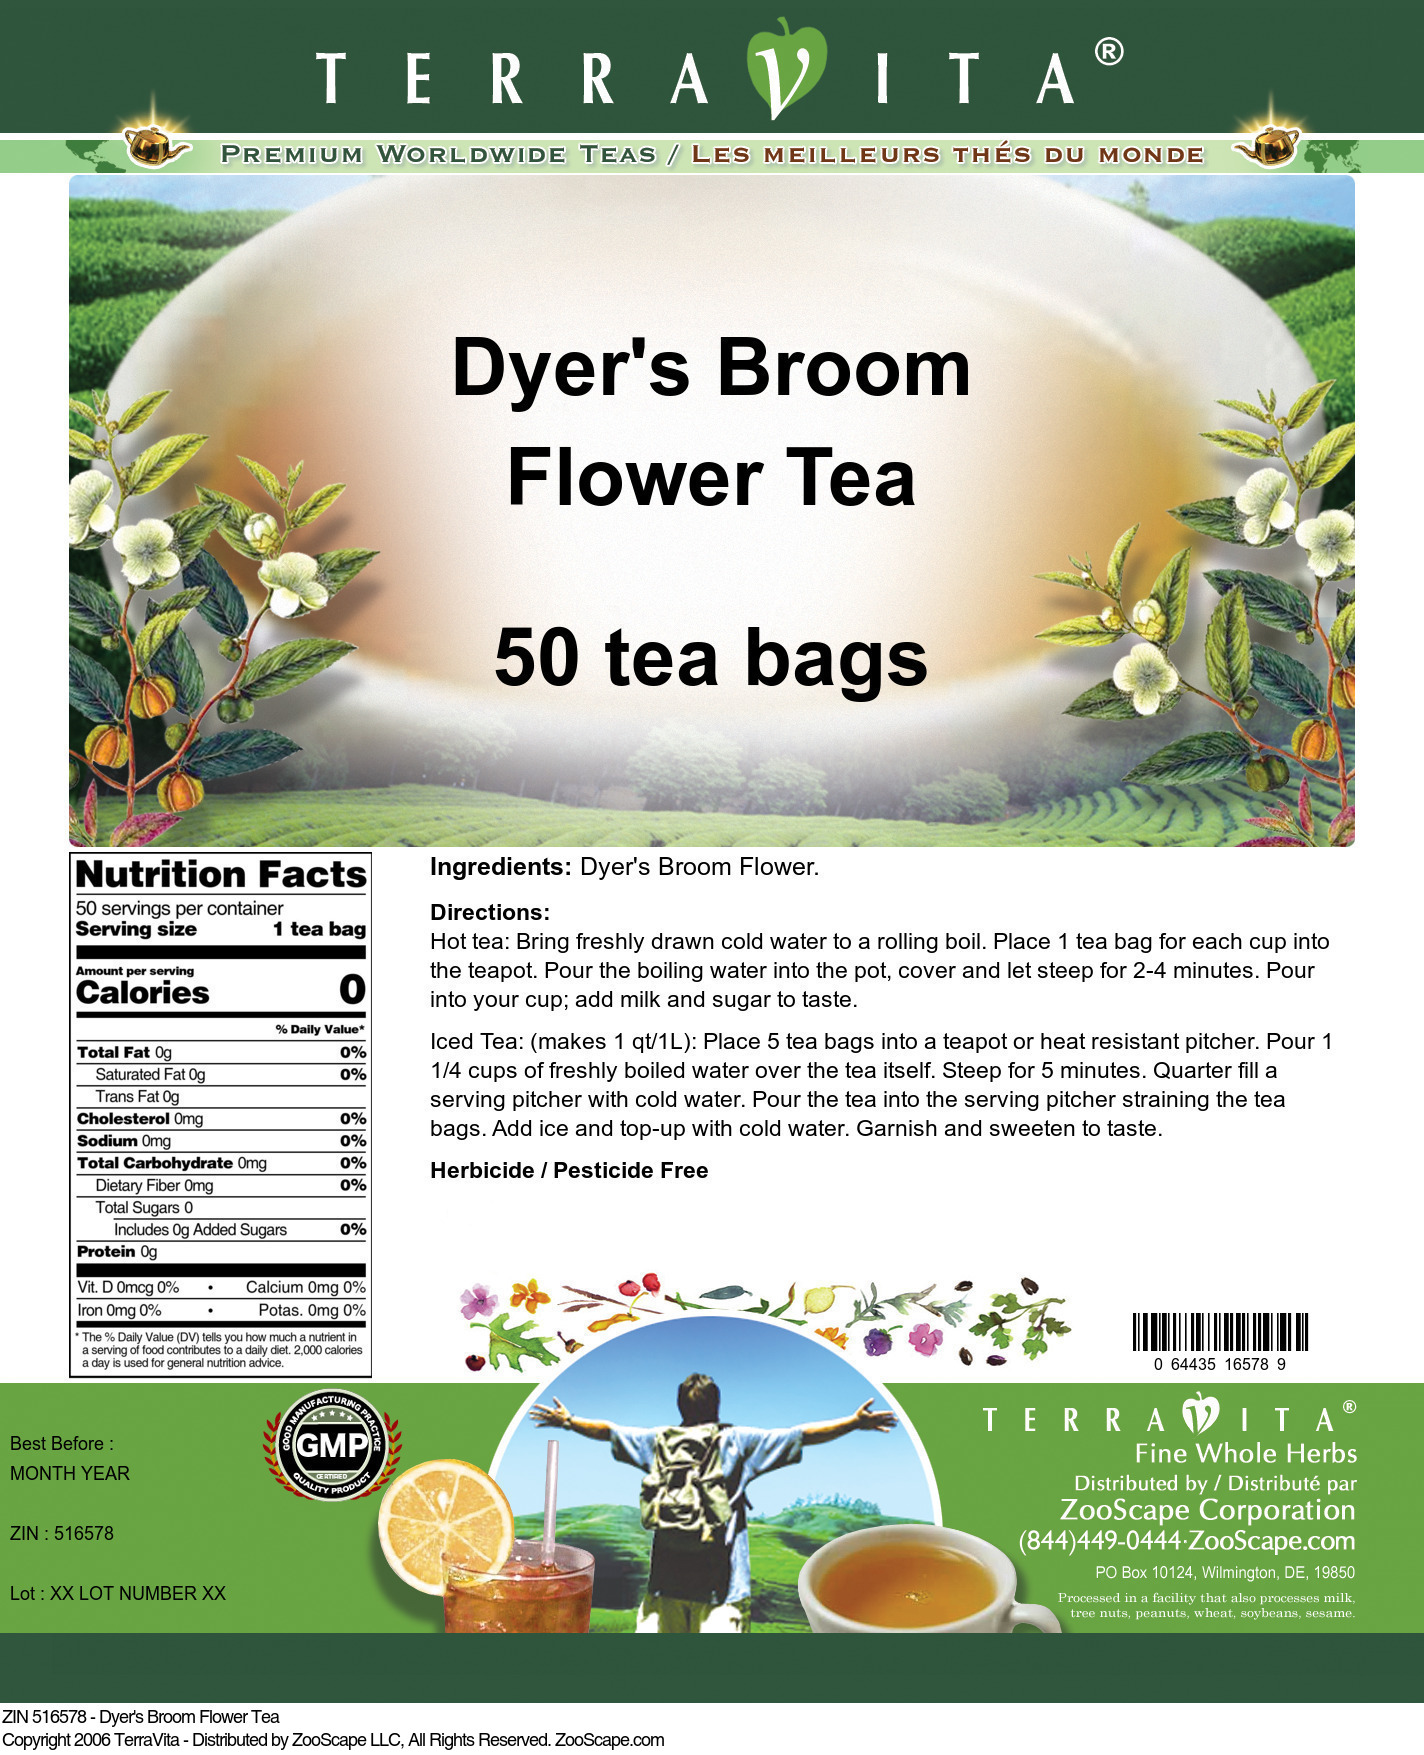 Dyer's Broom Flower Tea